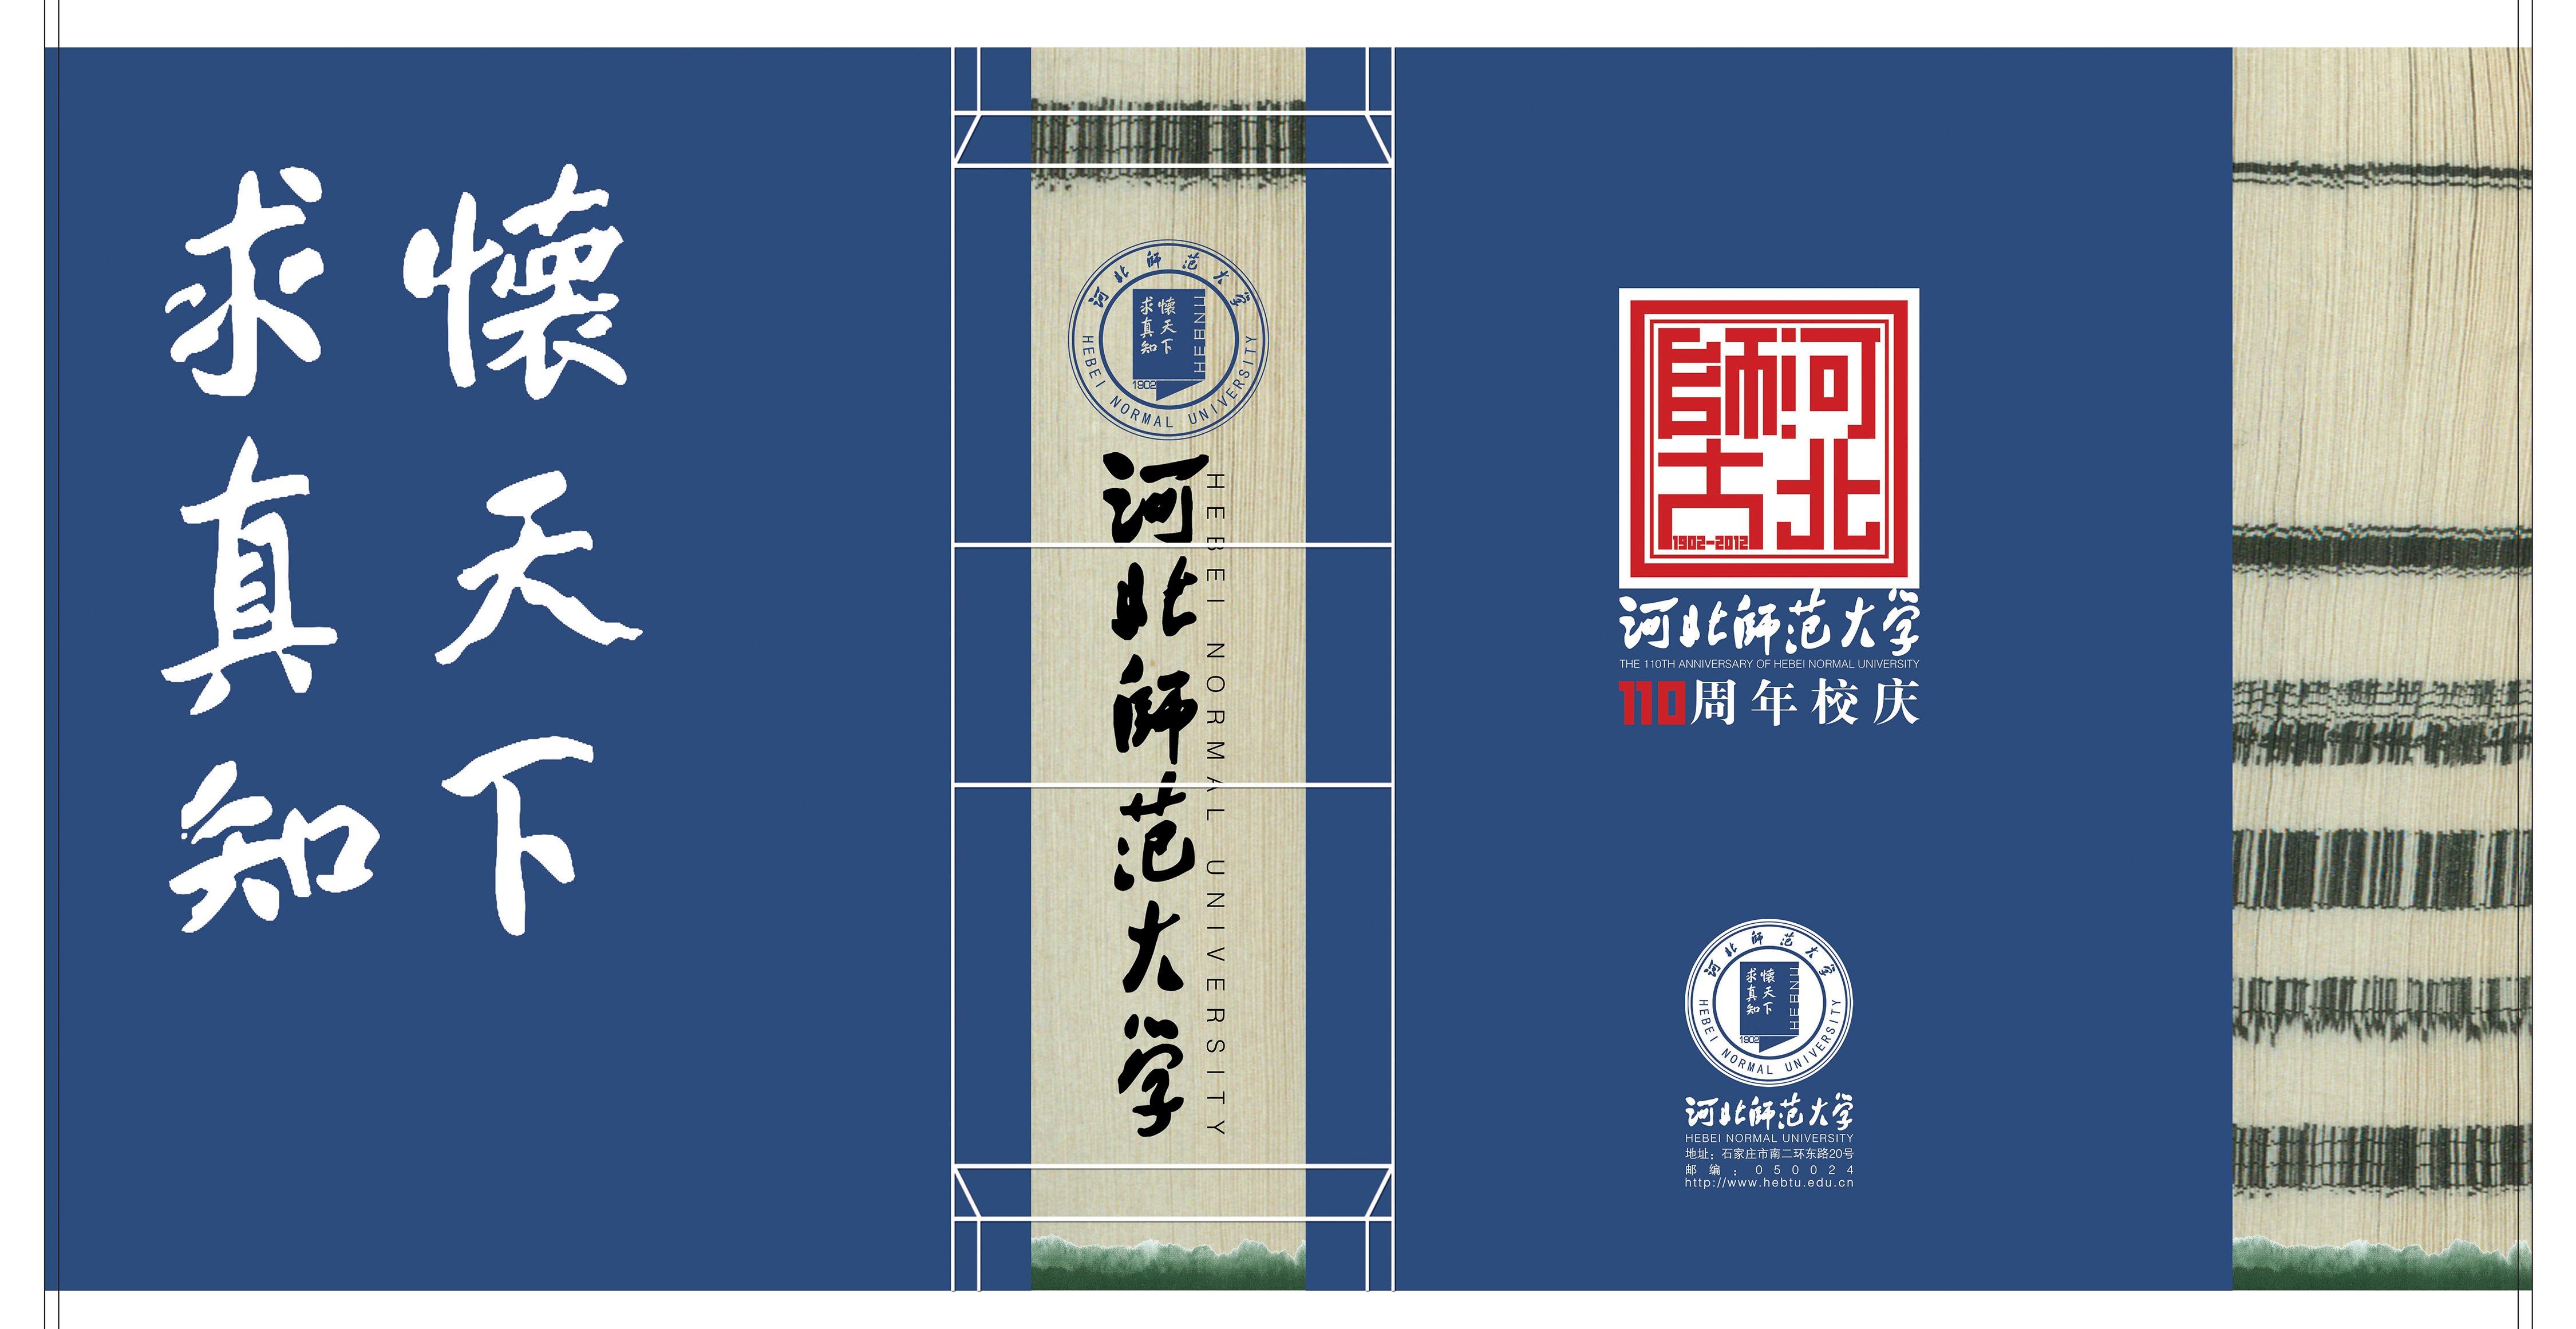 河北师大110周年校庆 Bag